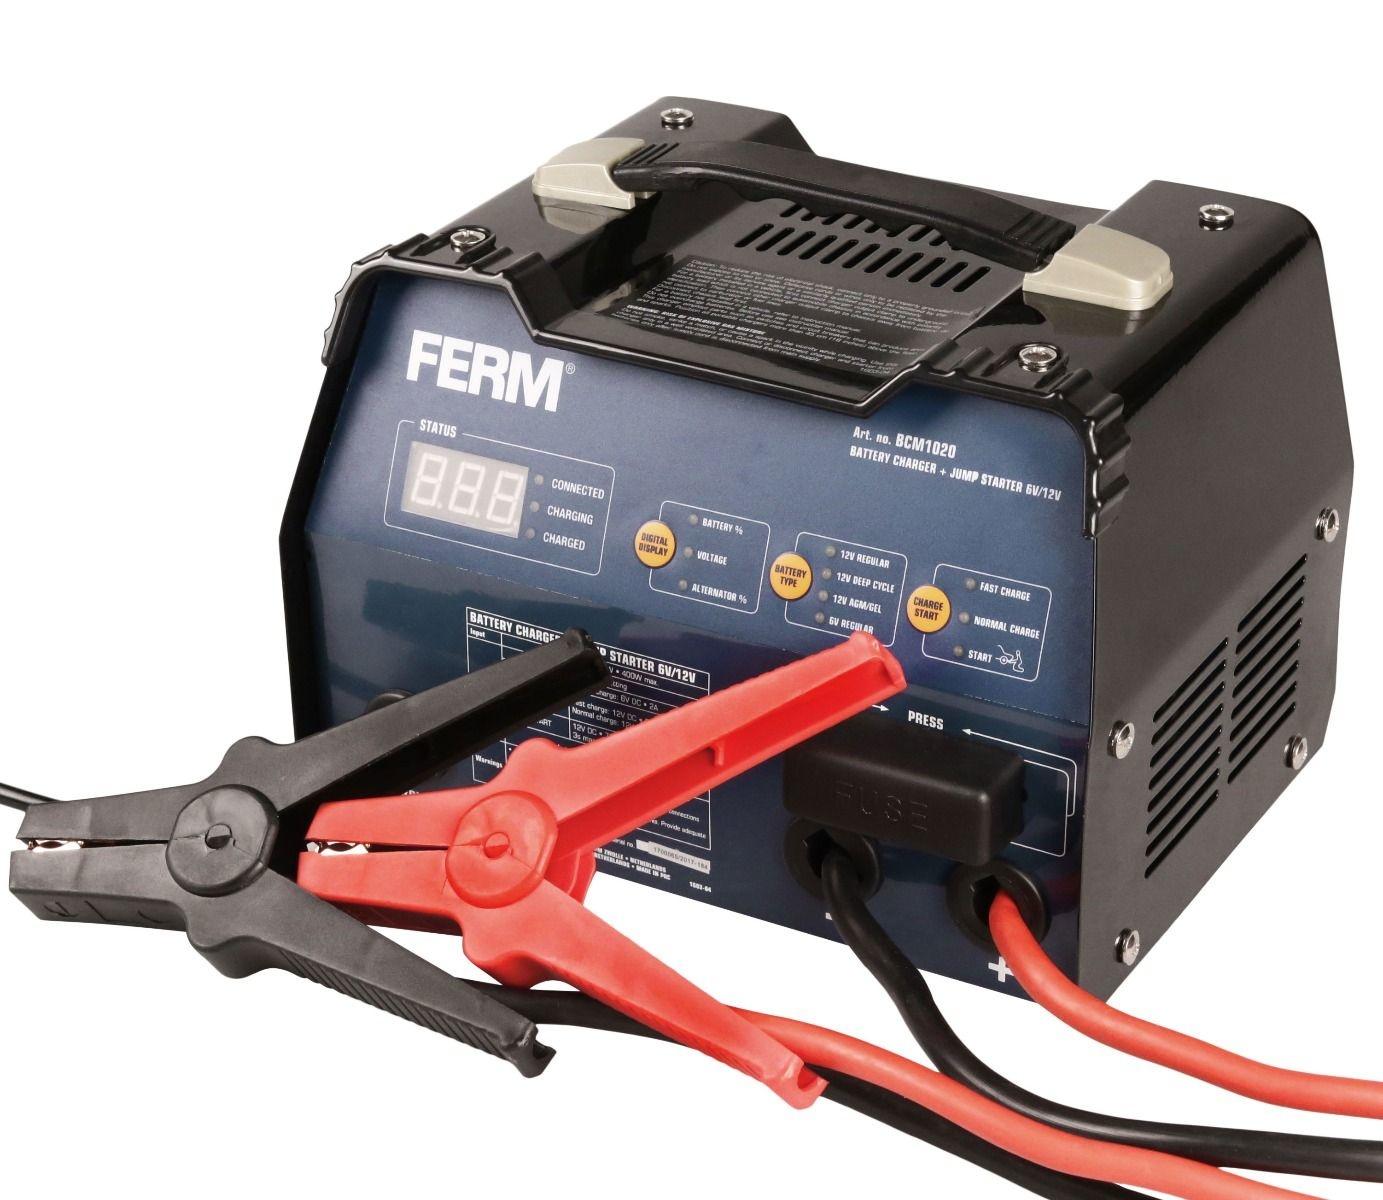 Ferm Acculader met starthulp 6V-12V Fe. BCM1020